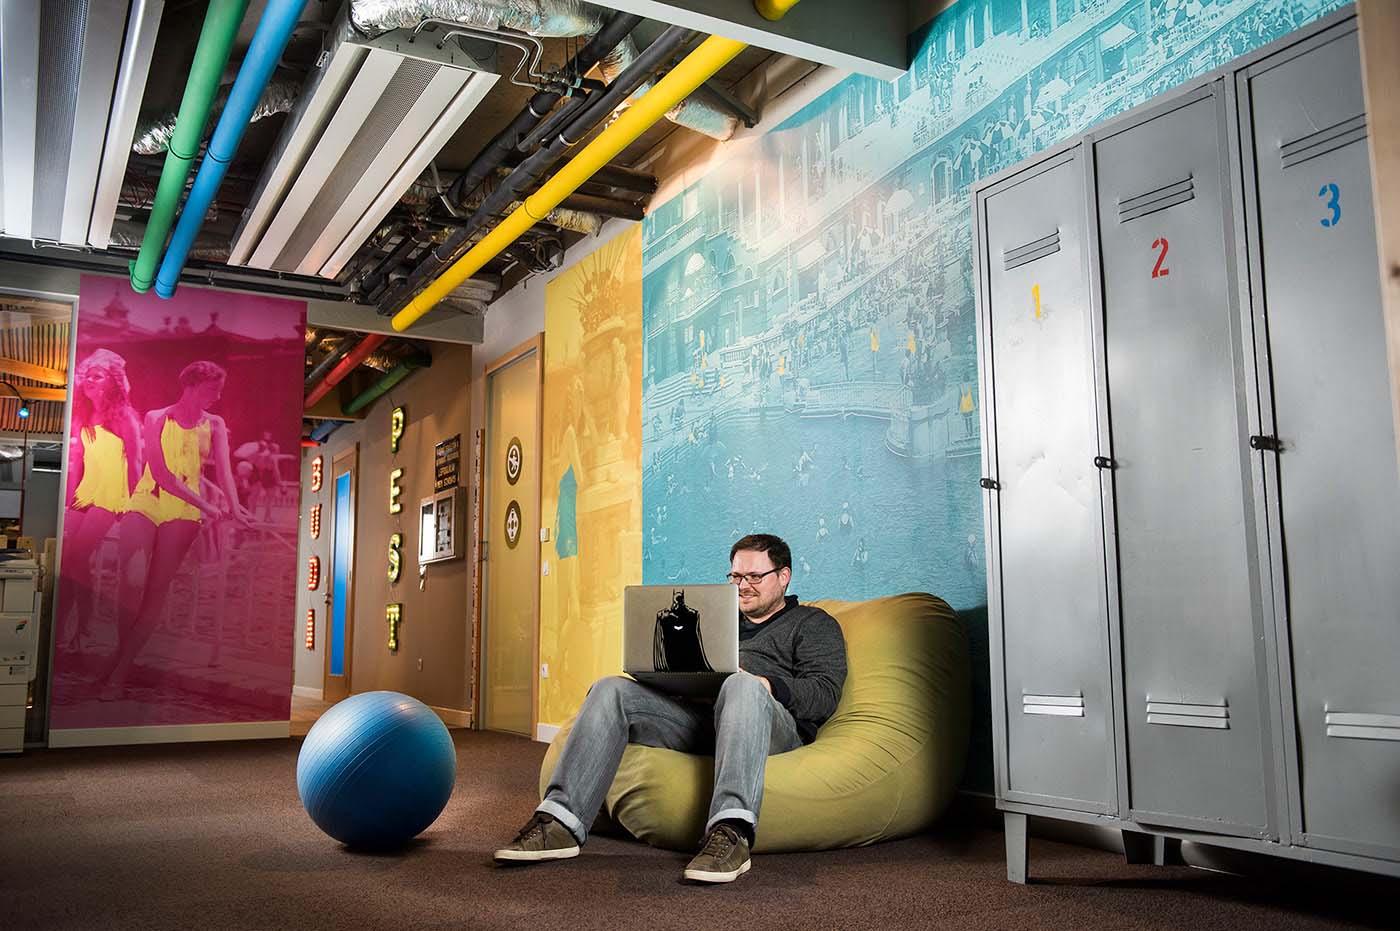 A Google Budapest iroda központi helyisége színes, nyomtatott faldekorációkkal, uszodai szekrényekkel, labdával és babzsákkal, amiben kényelmesen lehet dolgozni.